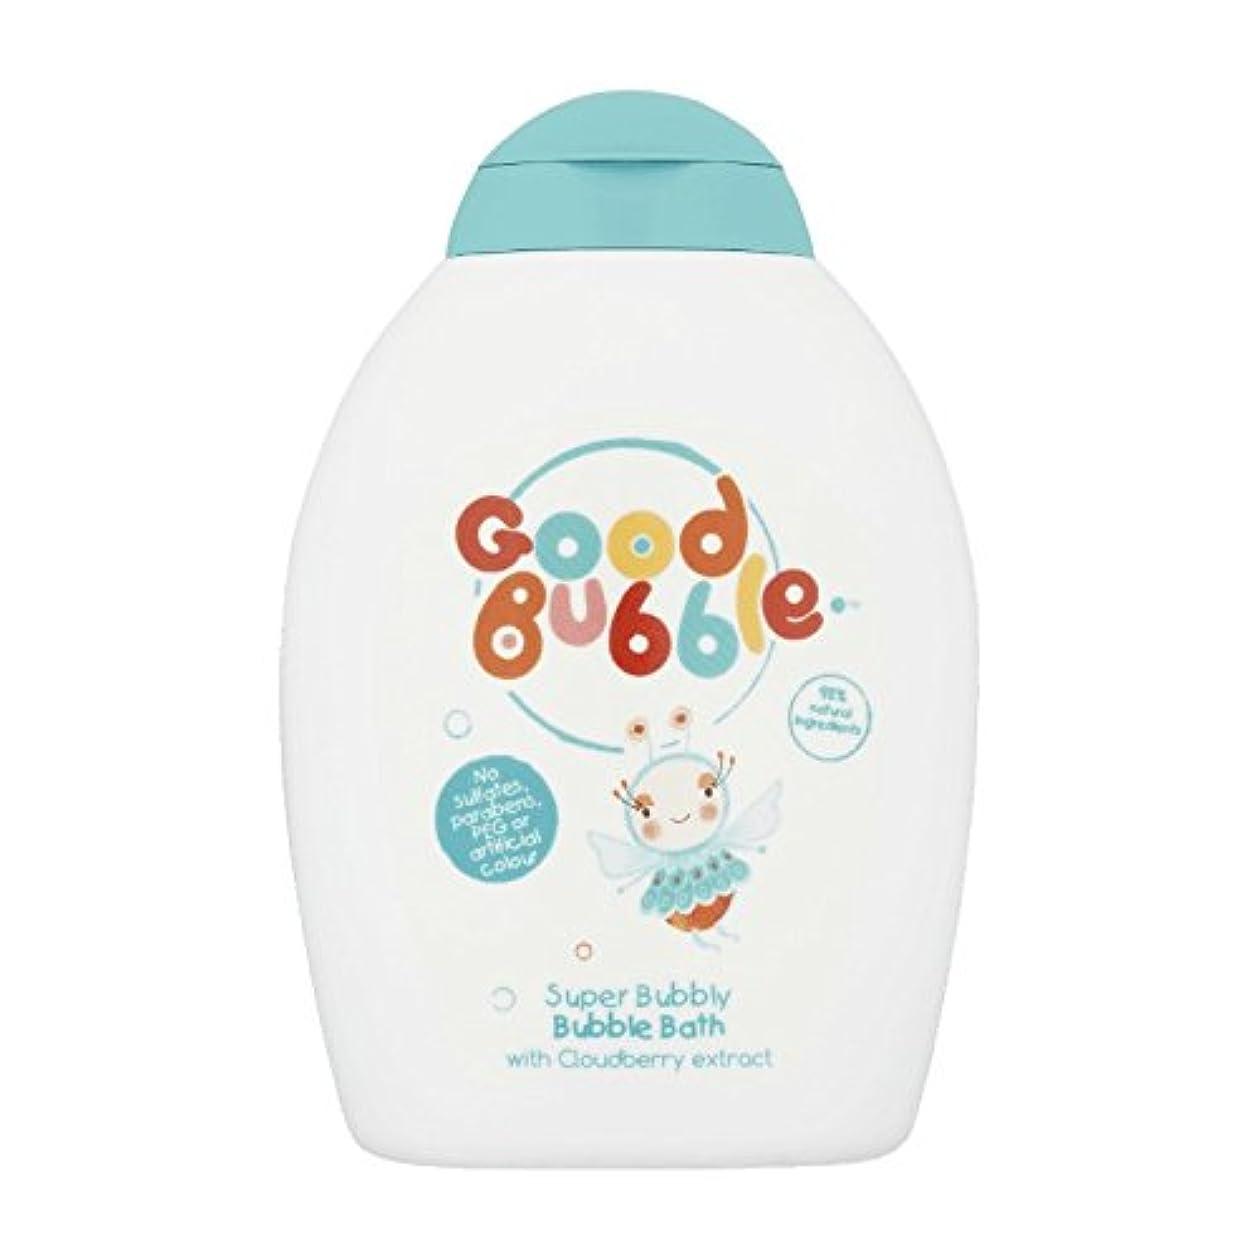 教会流出遺体安置所良いバブルクラウドベリーバブルバス400ミリリットル - Good Bubble Cloudberry Bubble Bath 400ml (Good Bubble) [並行輸入品]